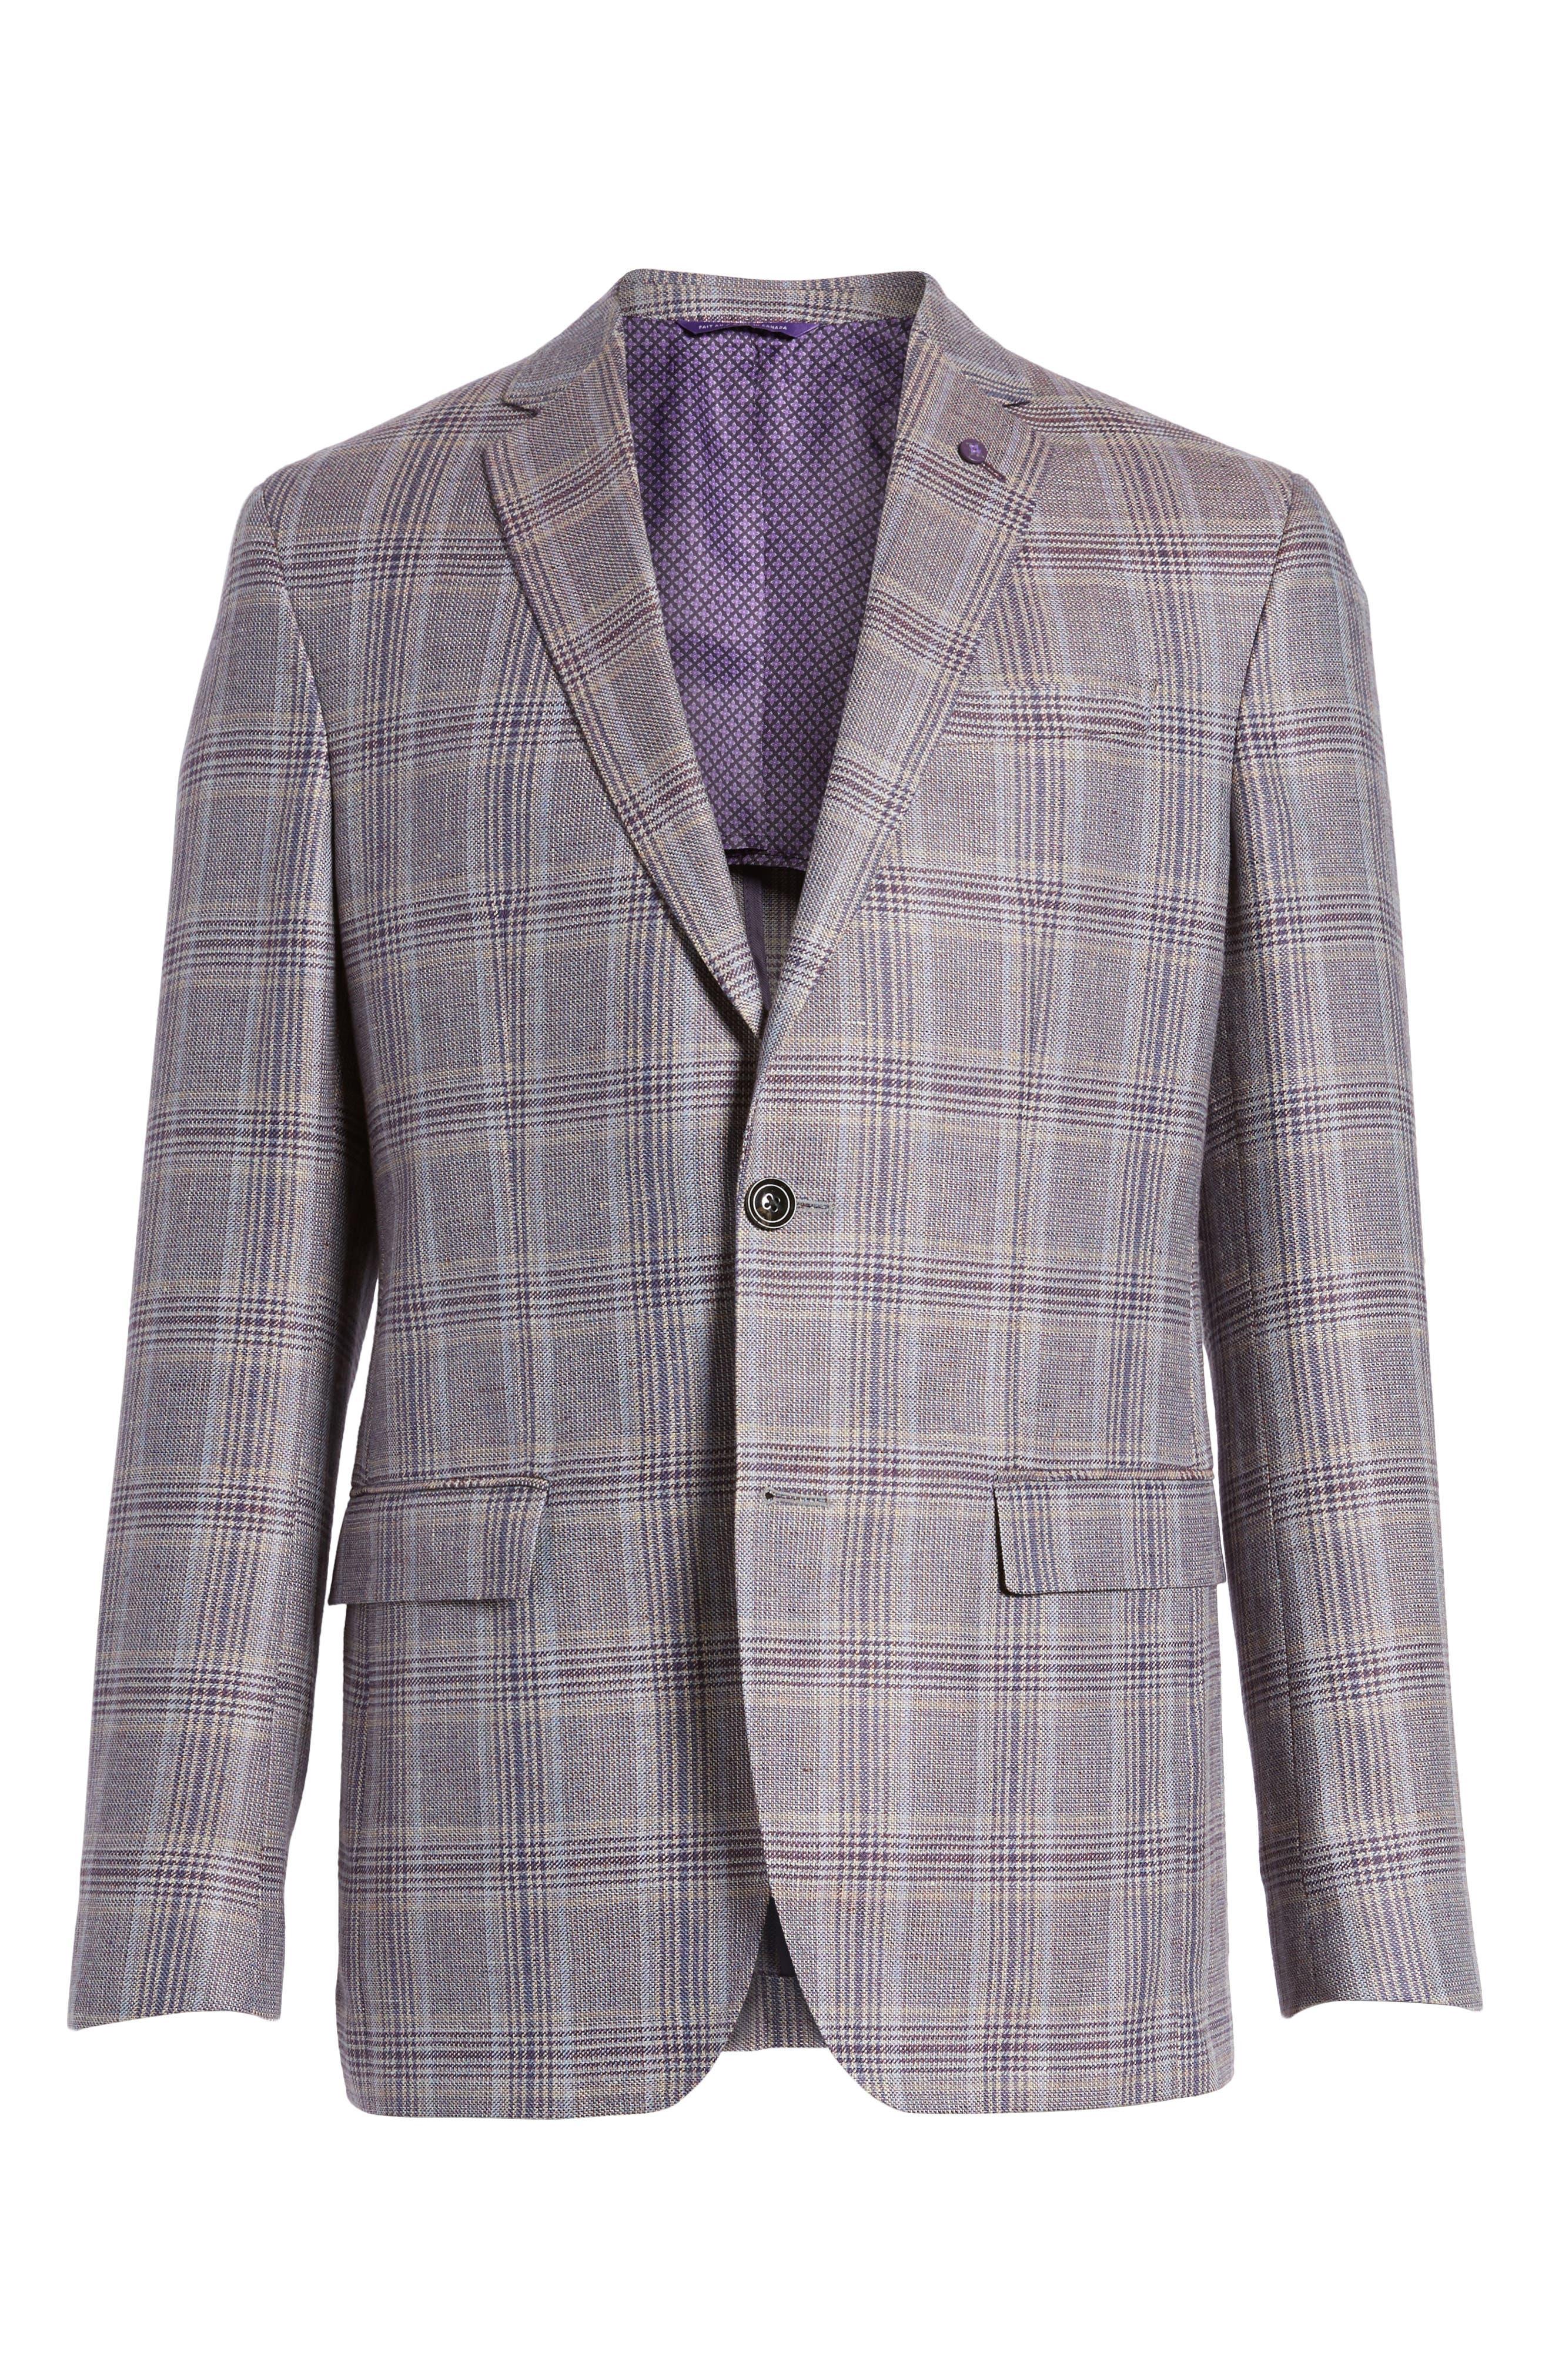 Konan Trim Fit Plaid Linen & Wool Sport Coat,                             Alternate thumbnail 5, color,                             270